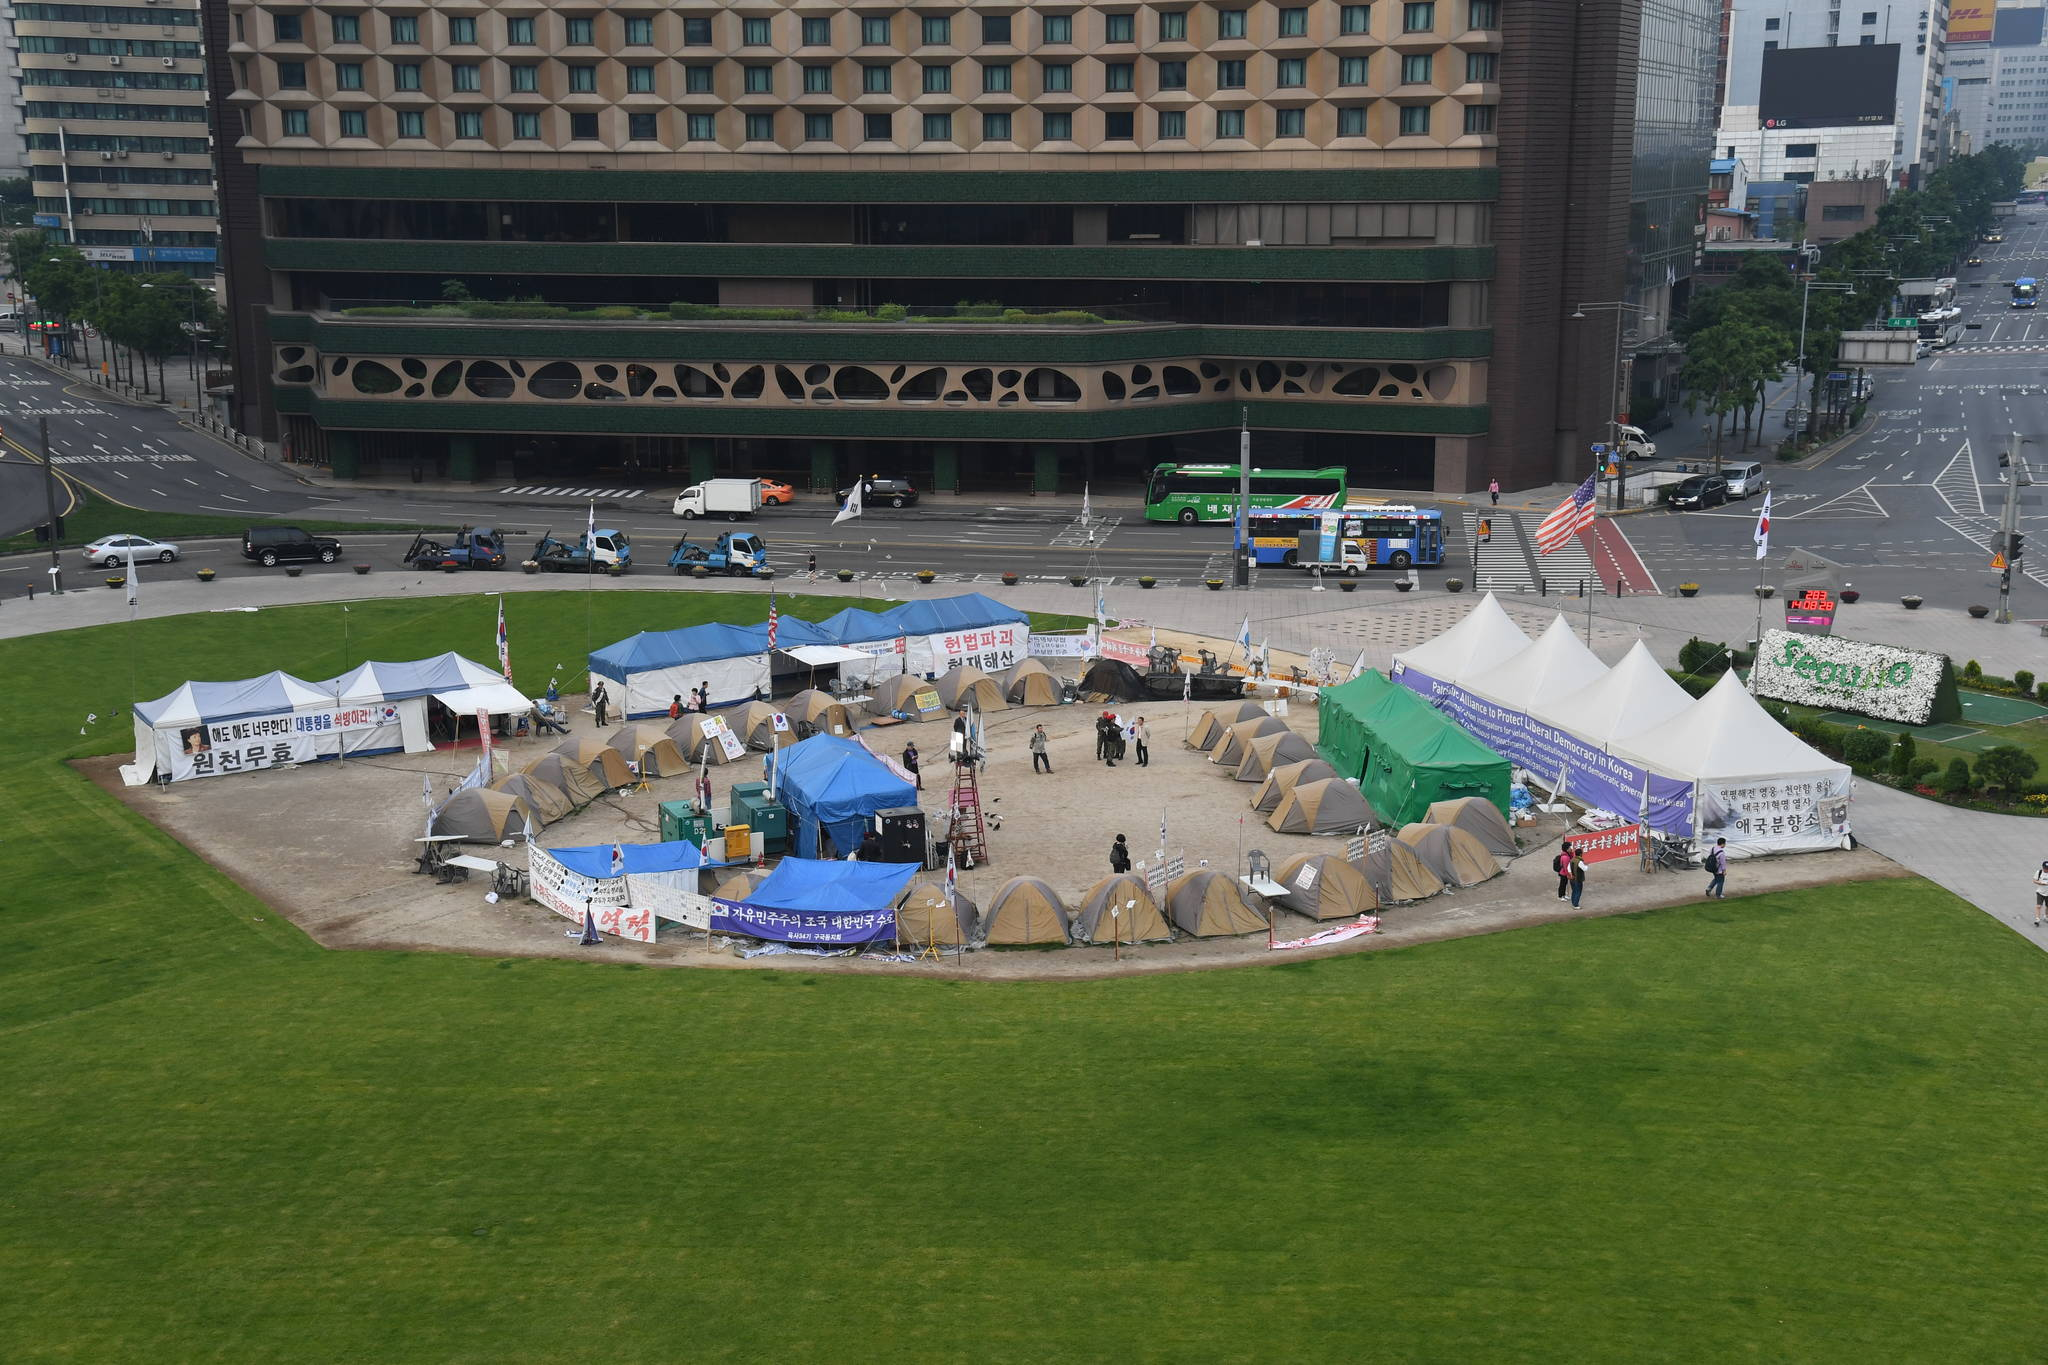 서울광장을 점거한 불법 텐트촌의 모습. [서울시]